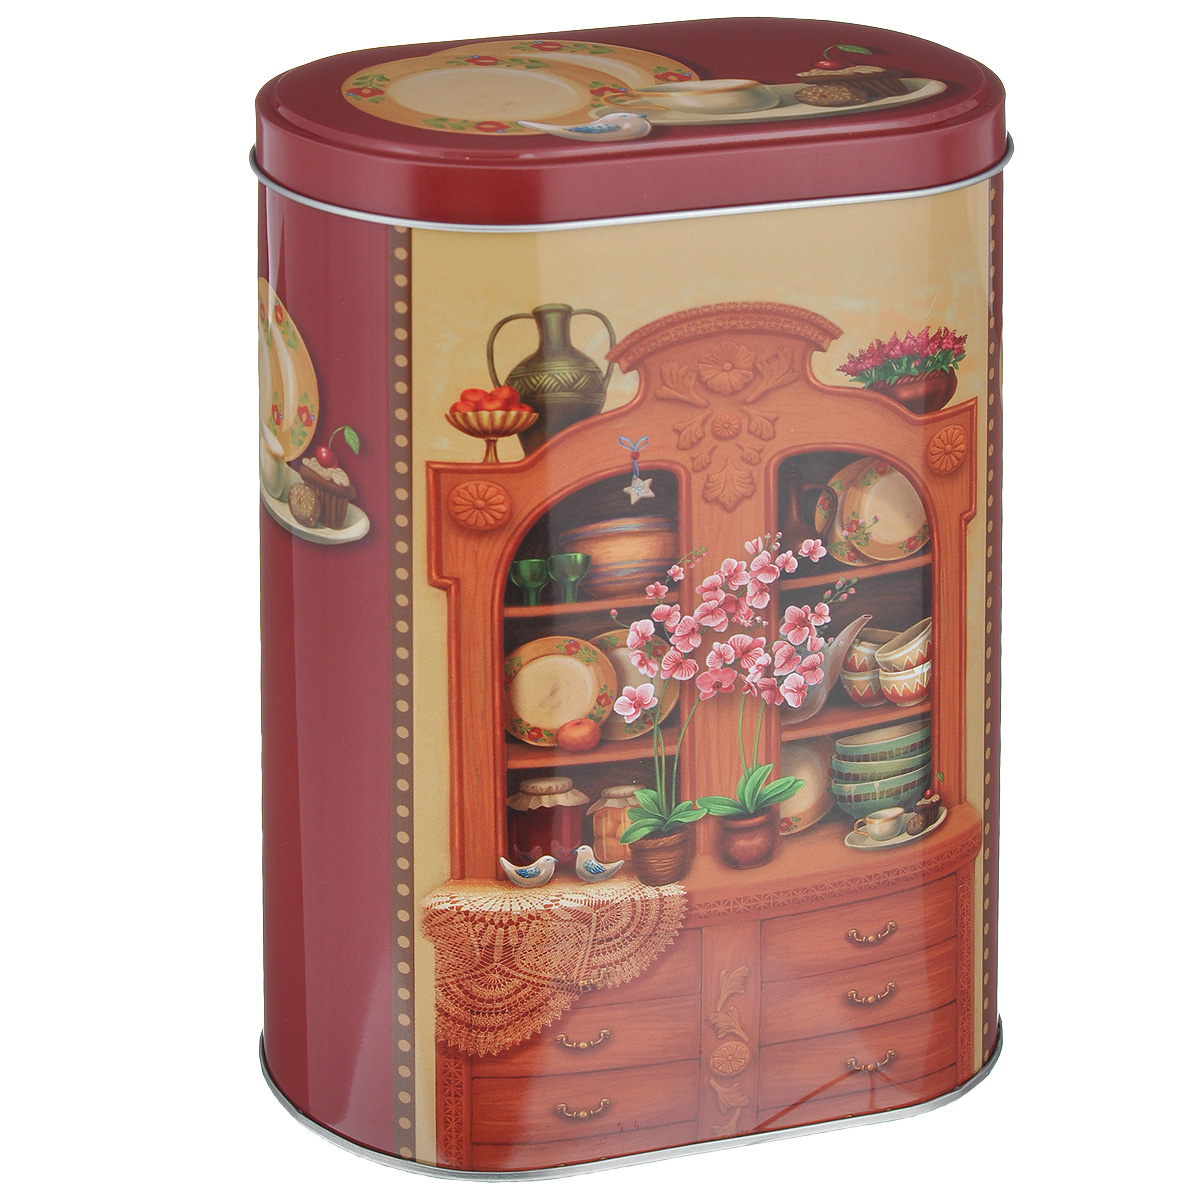 Банка для сыпучих продуктов Феникс-презент Бабушкин сервант, 1,7 л37656Банка для сыпучих продуктов Феникс-презент Бабушкин сервант, изготовленная из окрашенного черного металла, оформлена ярким рисунком. Банка прекрасно подойдет для хранения различных сыпучих продуктов: специй, чая, кофе, сахара, круп и многого другого. Емкость плотно закрывается крышкой. Благодаря этому она будет дольше сохранять свежесть ваших продуктов. Функциональная и вместительная, такая банка станет незаменимым аксессуаром на любой кухне.Нельзя мыть в посудомоечной машине. Объем банки: 1,7 л. Высота банки (без учета крышки): 18,5 см.Размер банки (по верхнему краю): 13,5 см х 7,5 см.